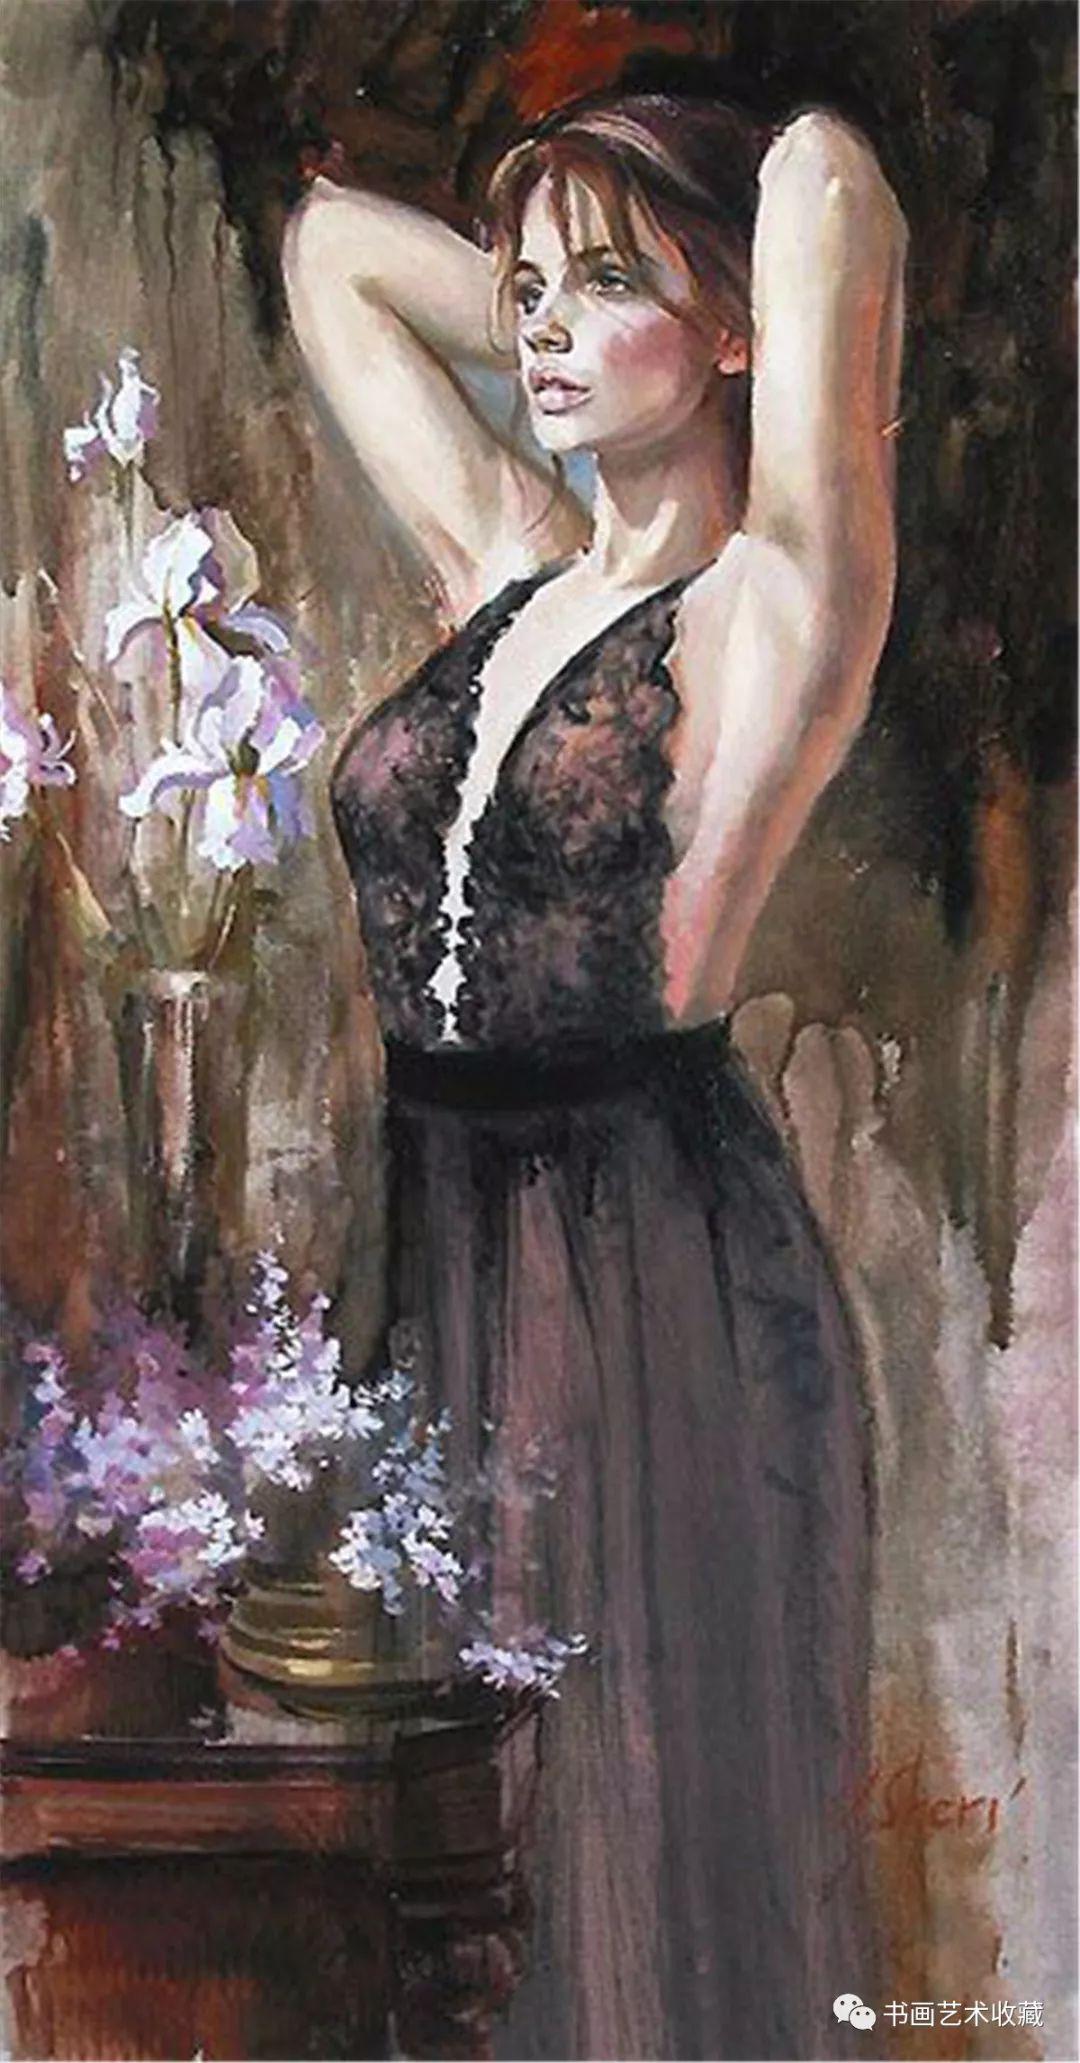 烏克蘭繪畫:漫山遍野的女人呵 為了什么而美麗?